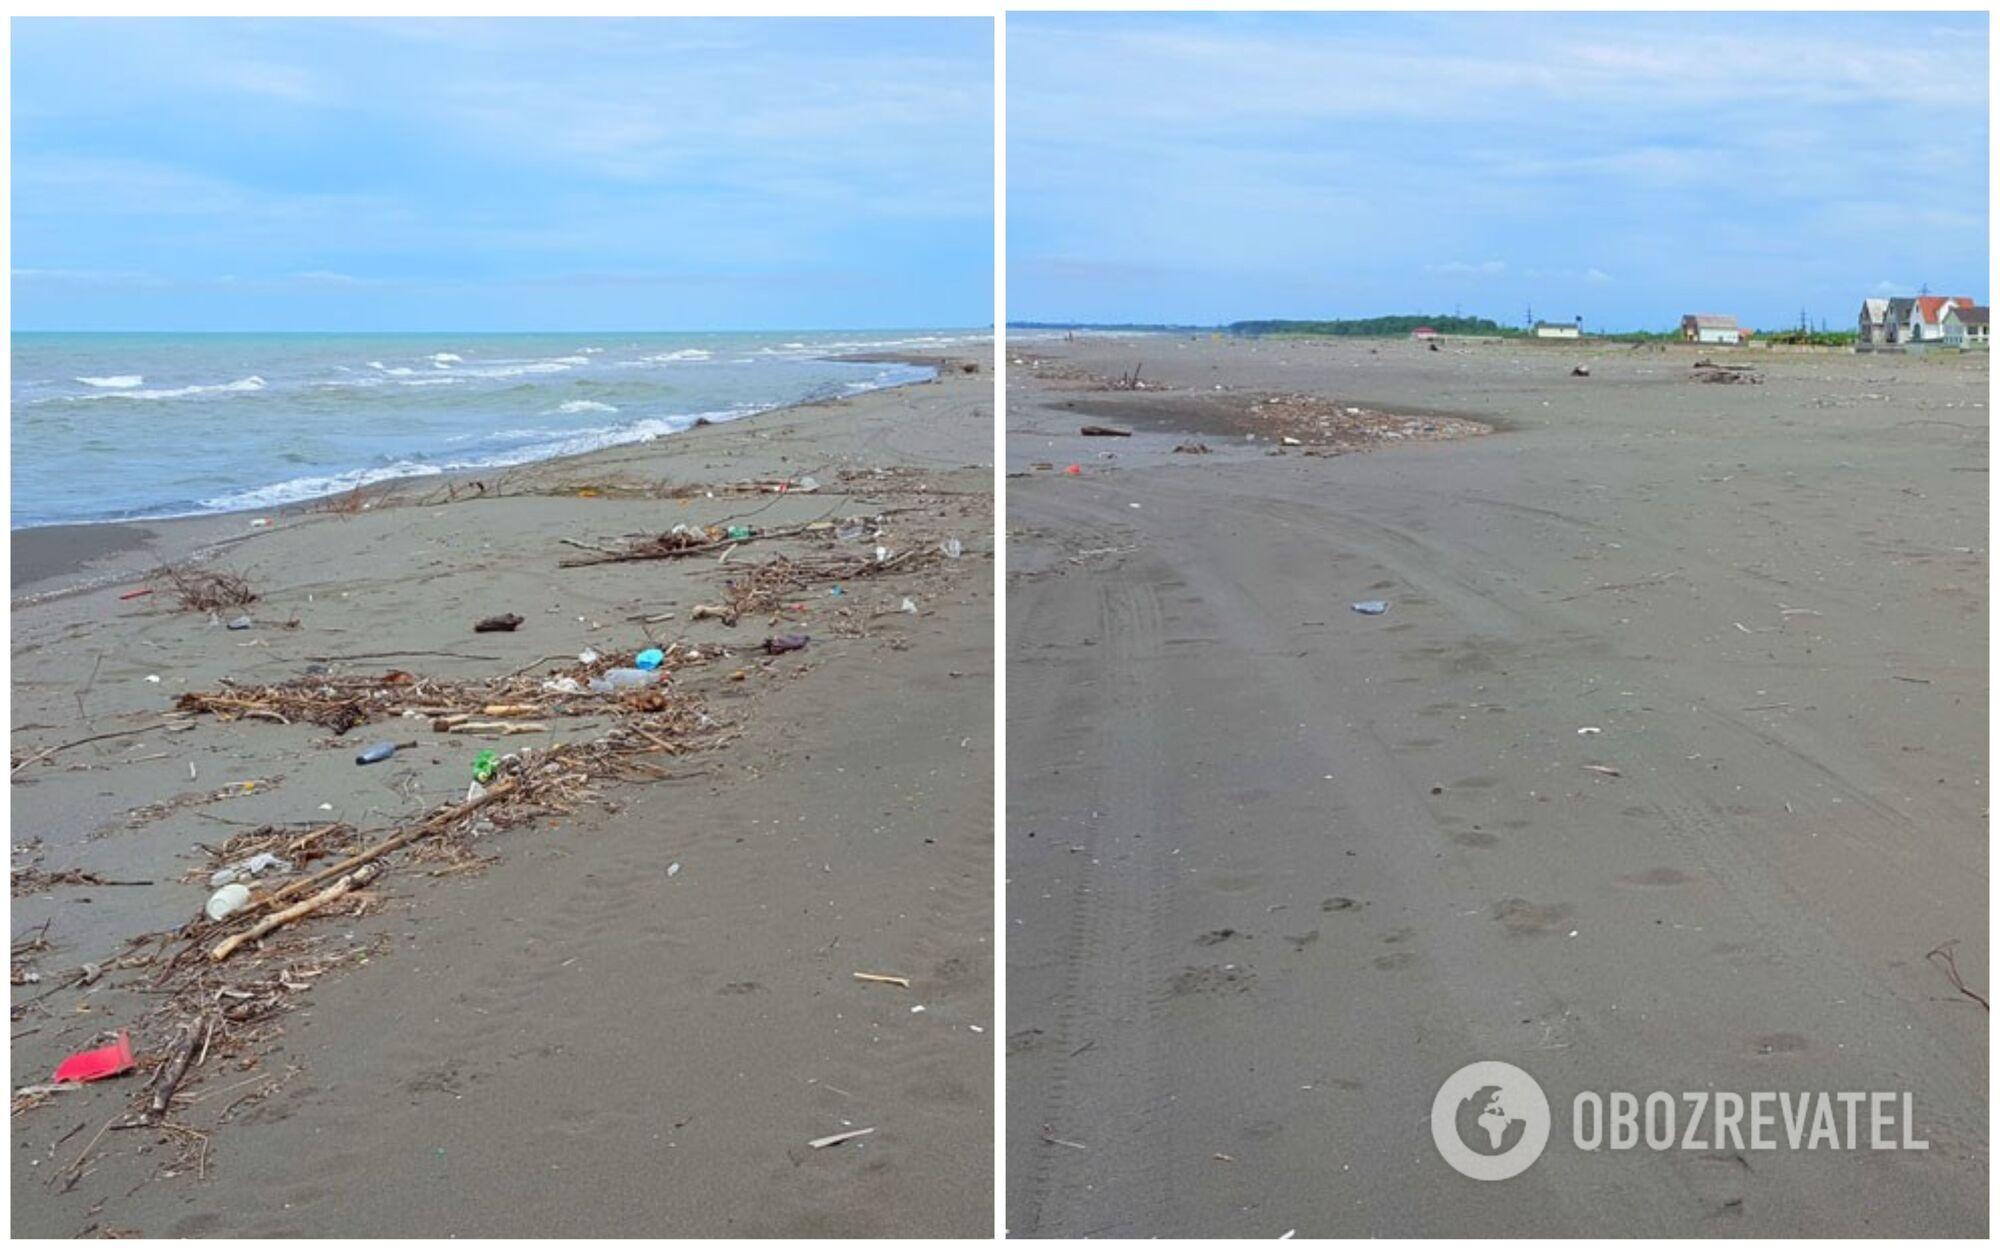 Малтаква – це довгий широкий пляж з дрібним сірим піском